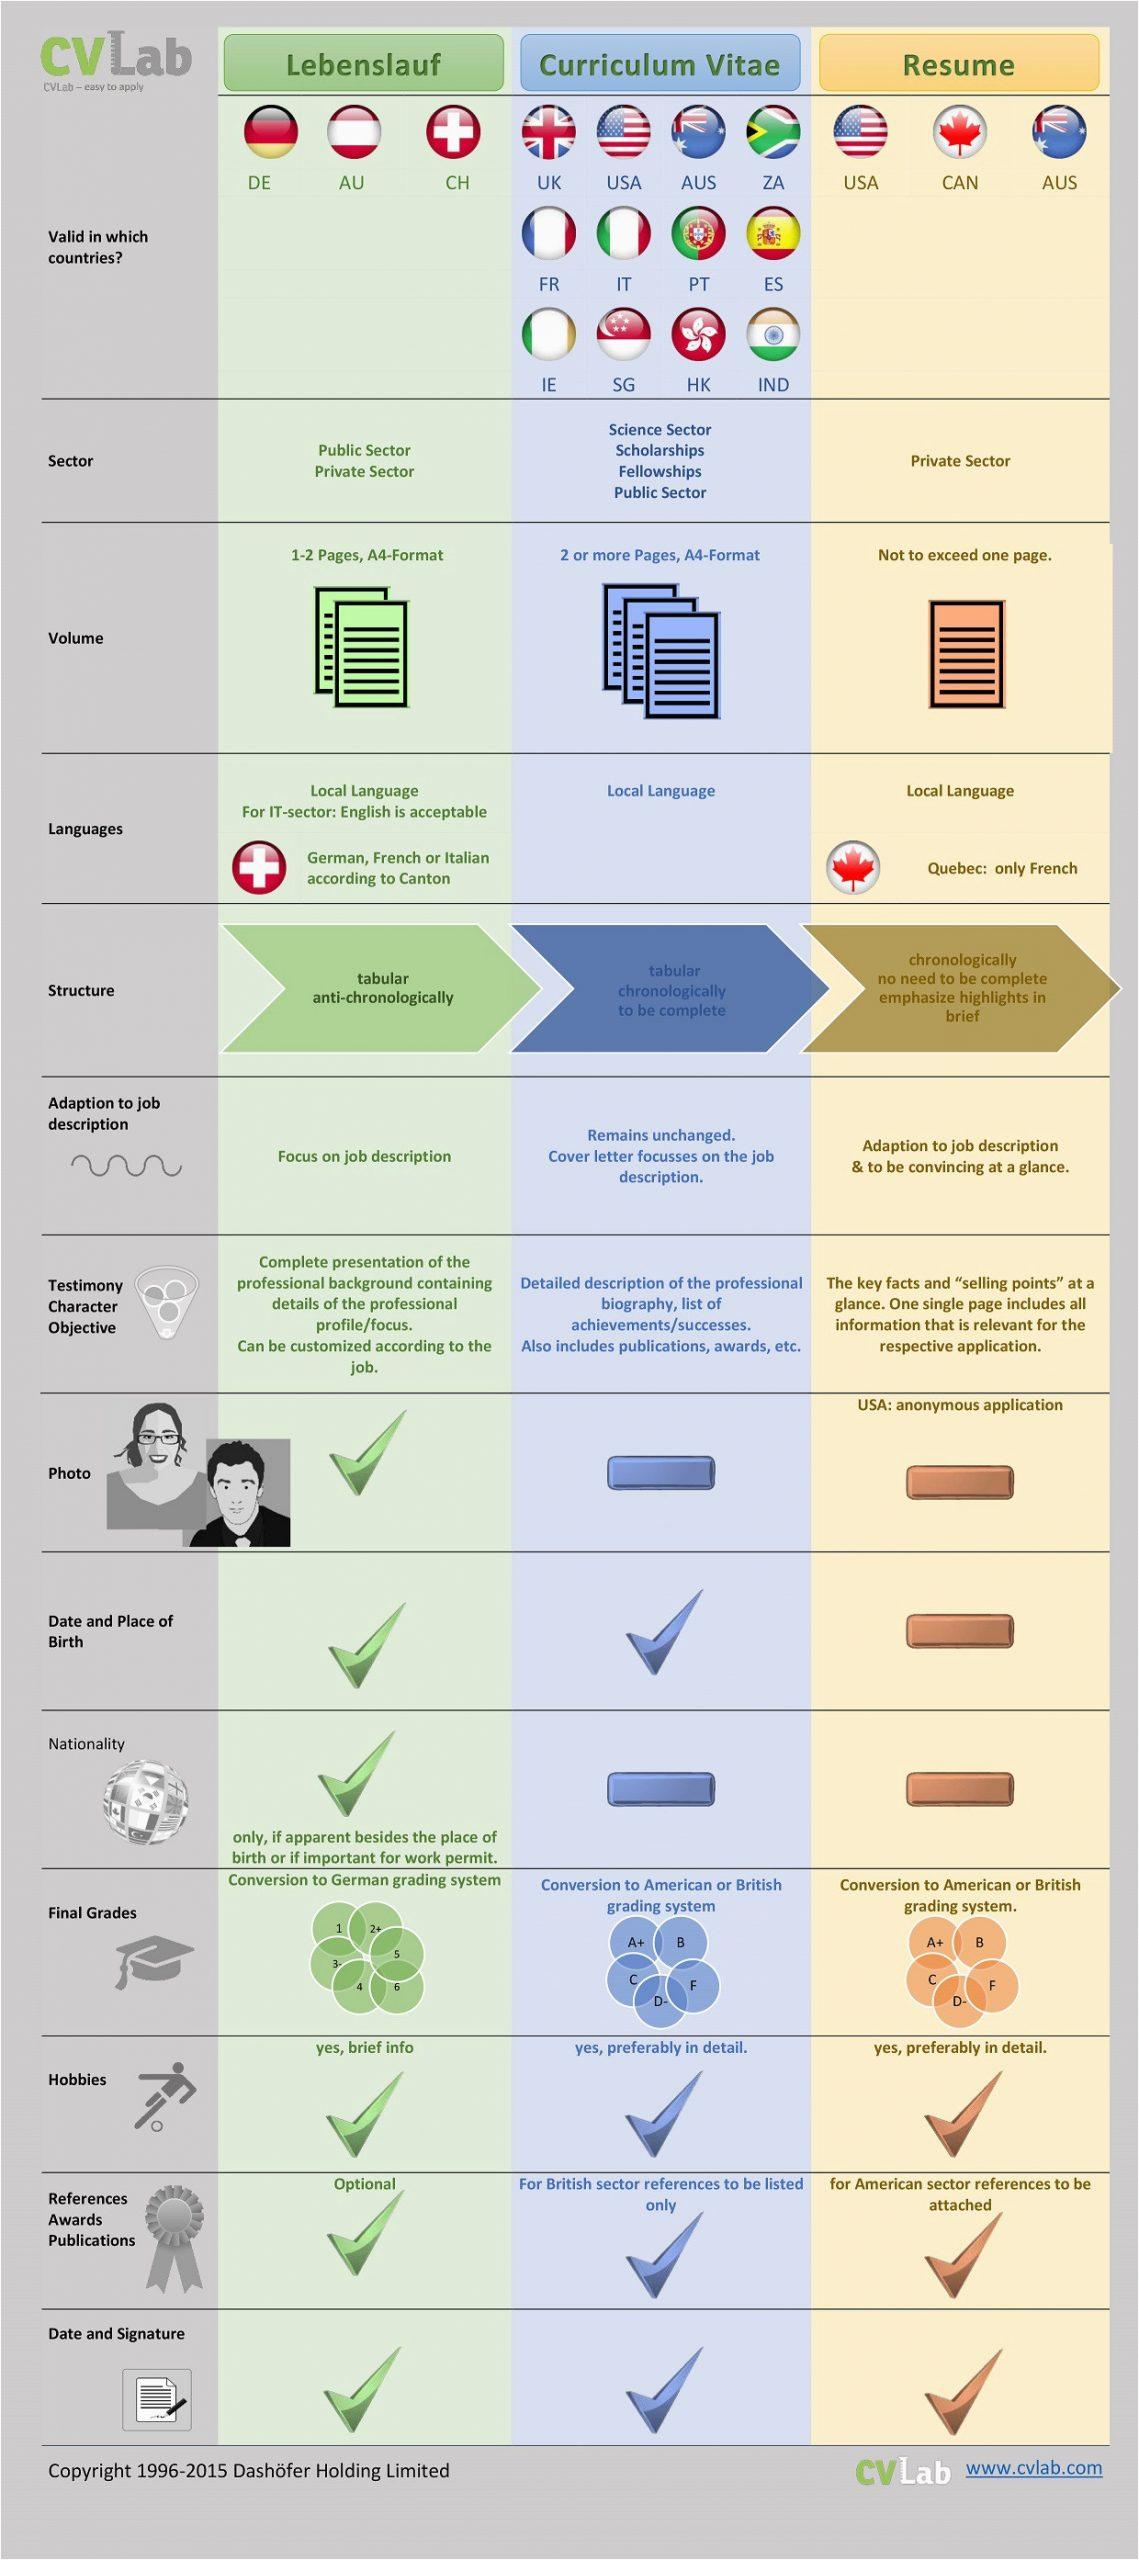 Lebenslauf Englisch Unterschiede Unterschied Von Lebenslauf Cv Und Resume Inkl Infografik